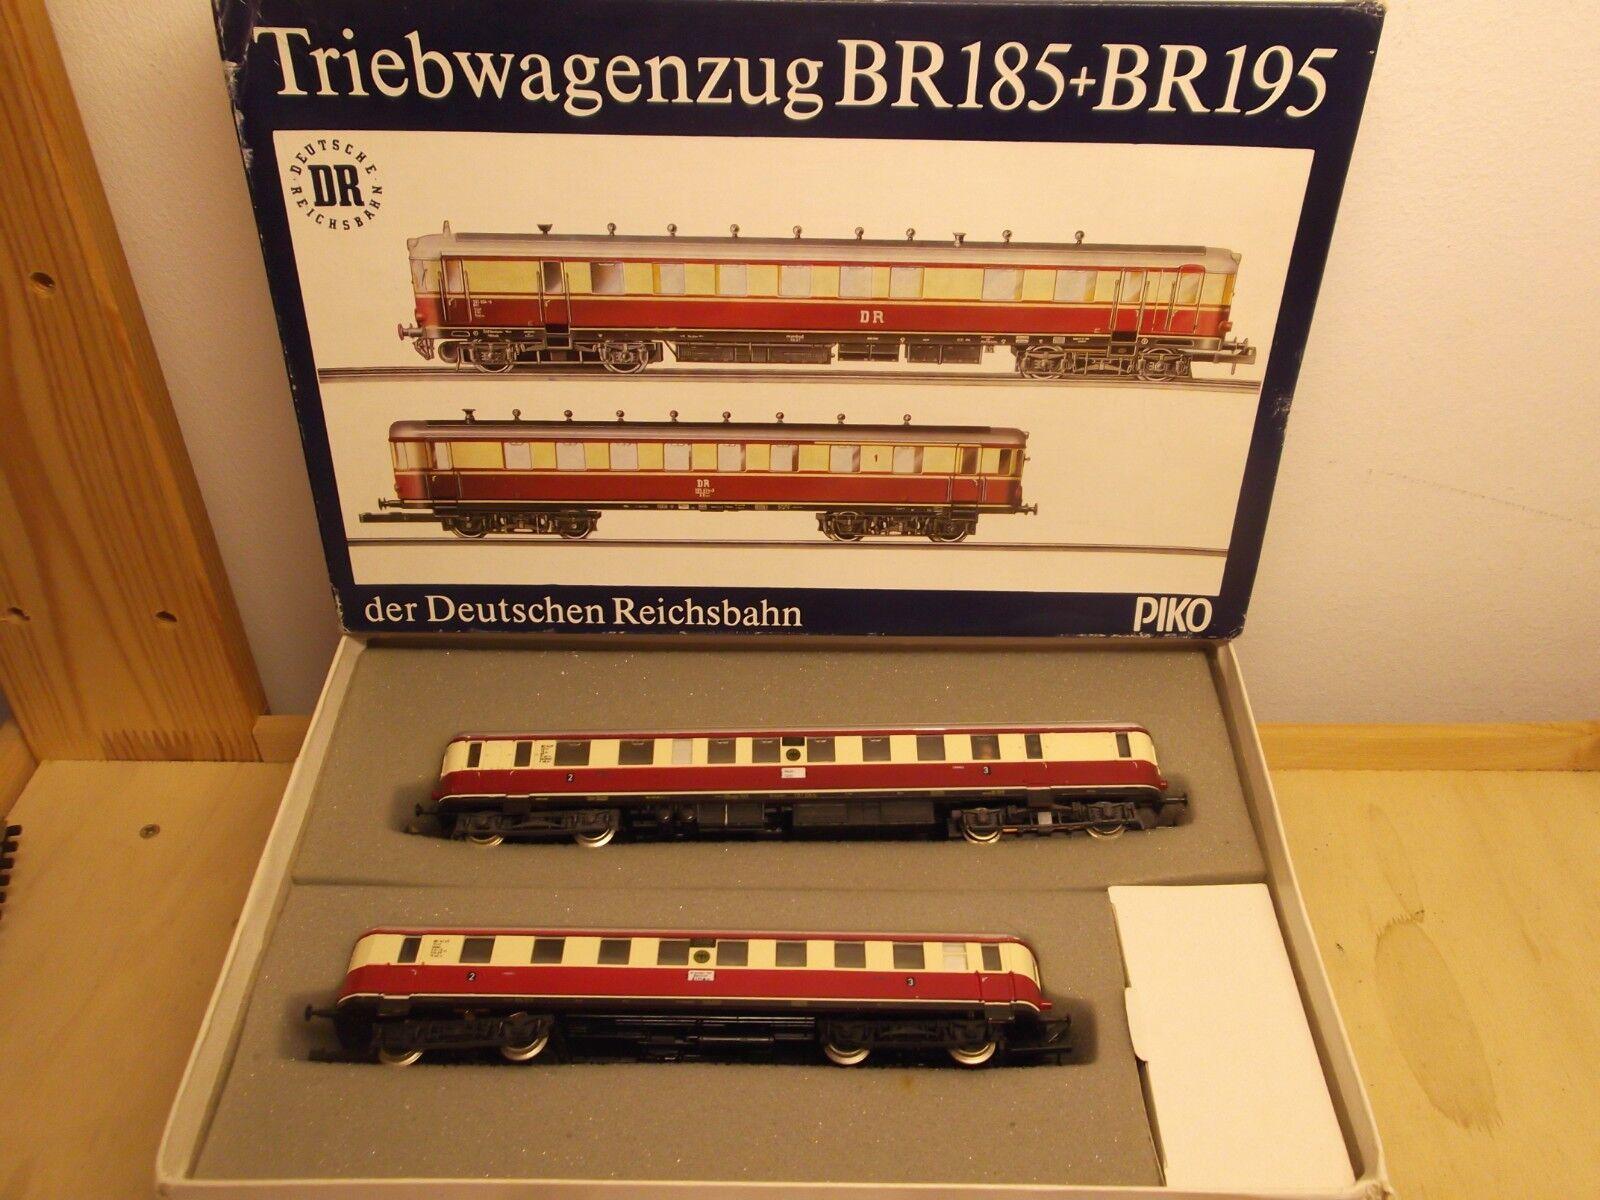 PIKO H0 Triebwagenzug VT137 VT137 VT137   VS 145 Triebwagen mit Beiwagen DRG 2. 3. Kl in OVP  | Der Schatz des Kindes, unser Glück  f02838